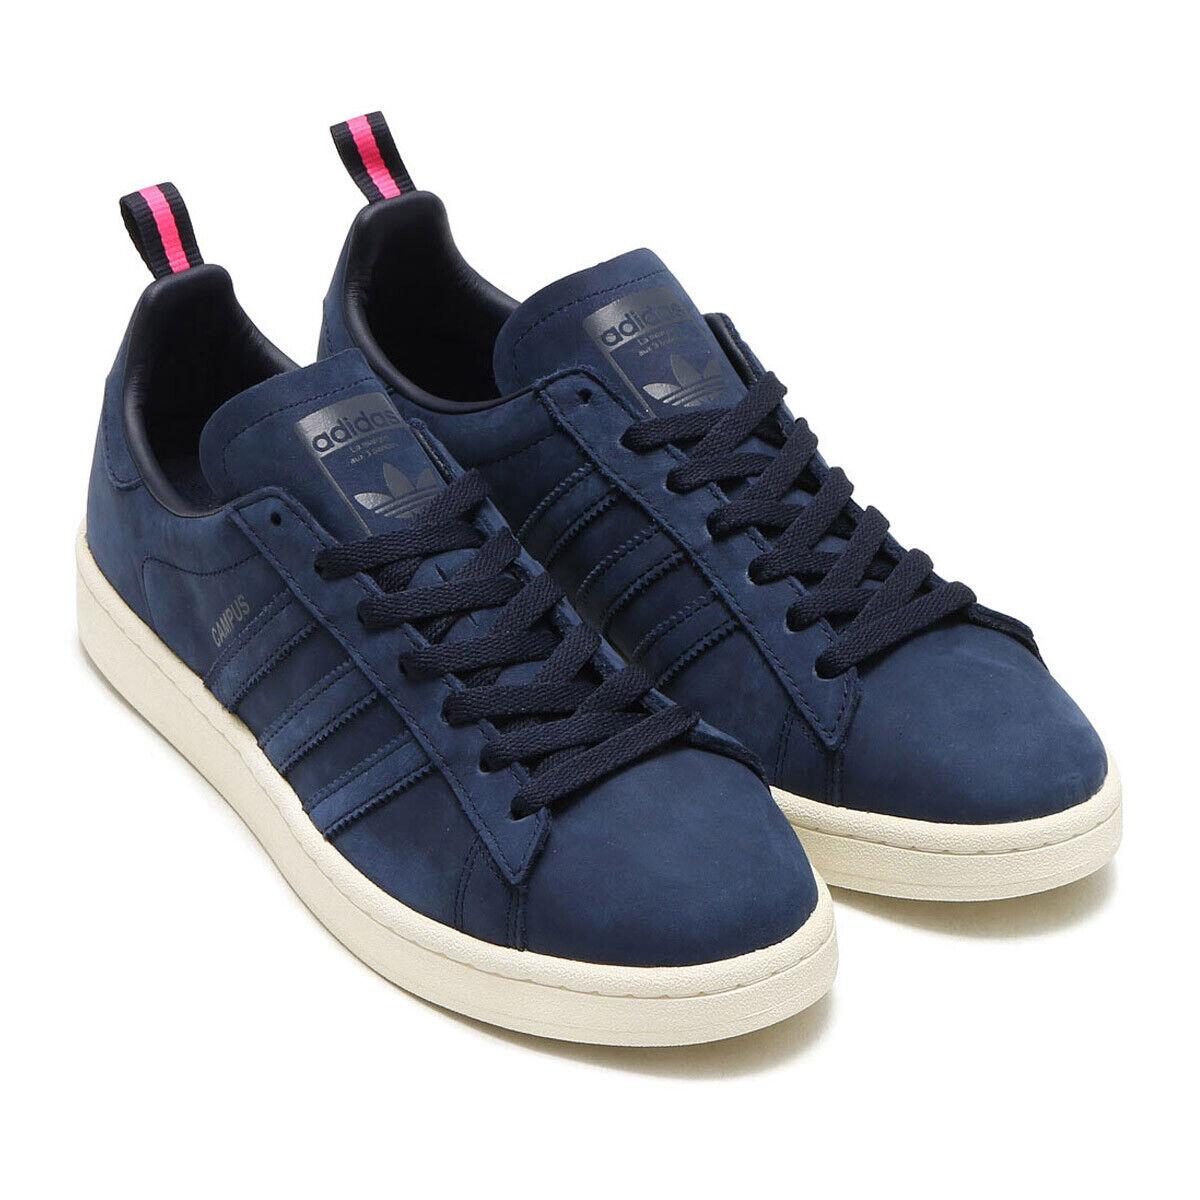 Adidas Originals para hombre Campus Legink ultpop Gamuza Entrenadores BZ0066 Reino Unido 6, 6.5, 9.5